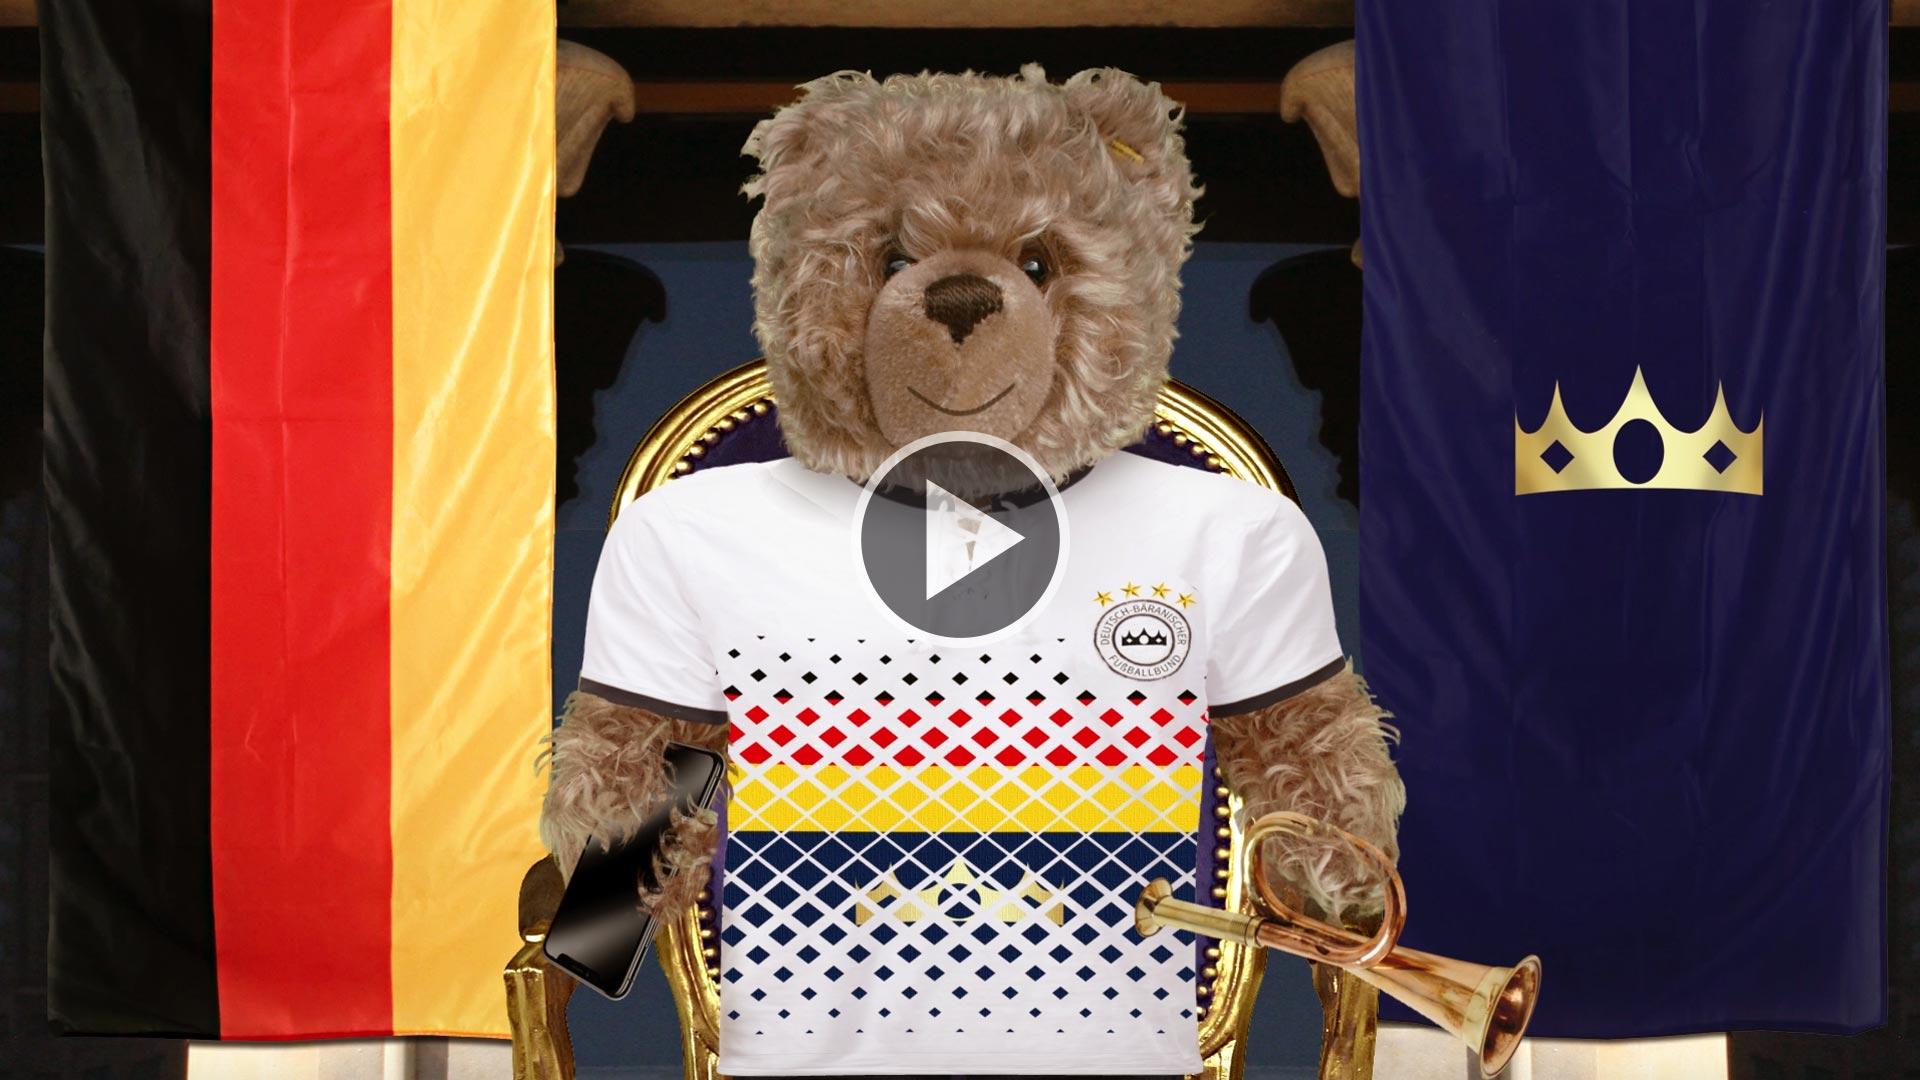 Teddybär-König Opa und die Fußball-WM 2018